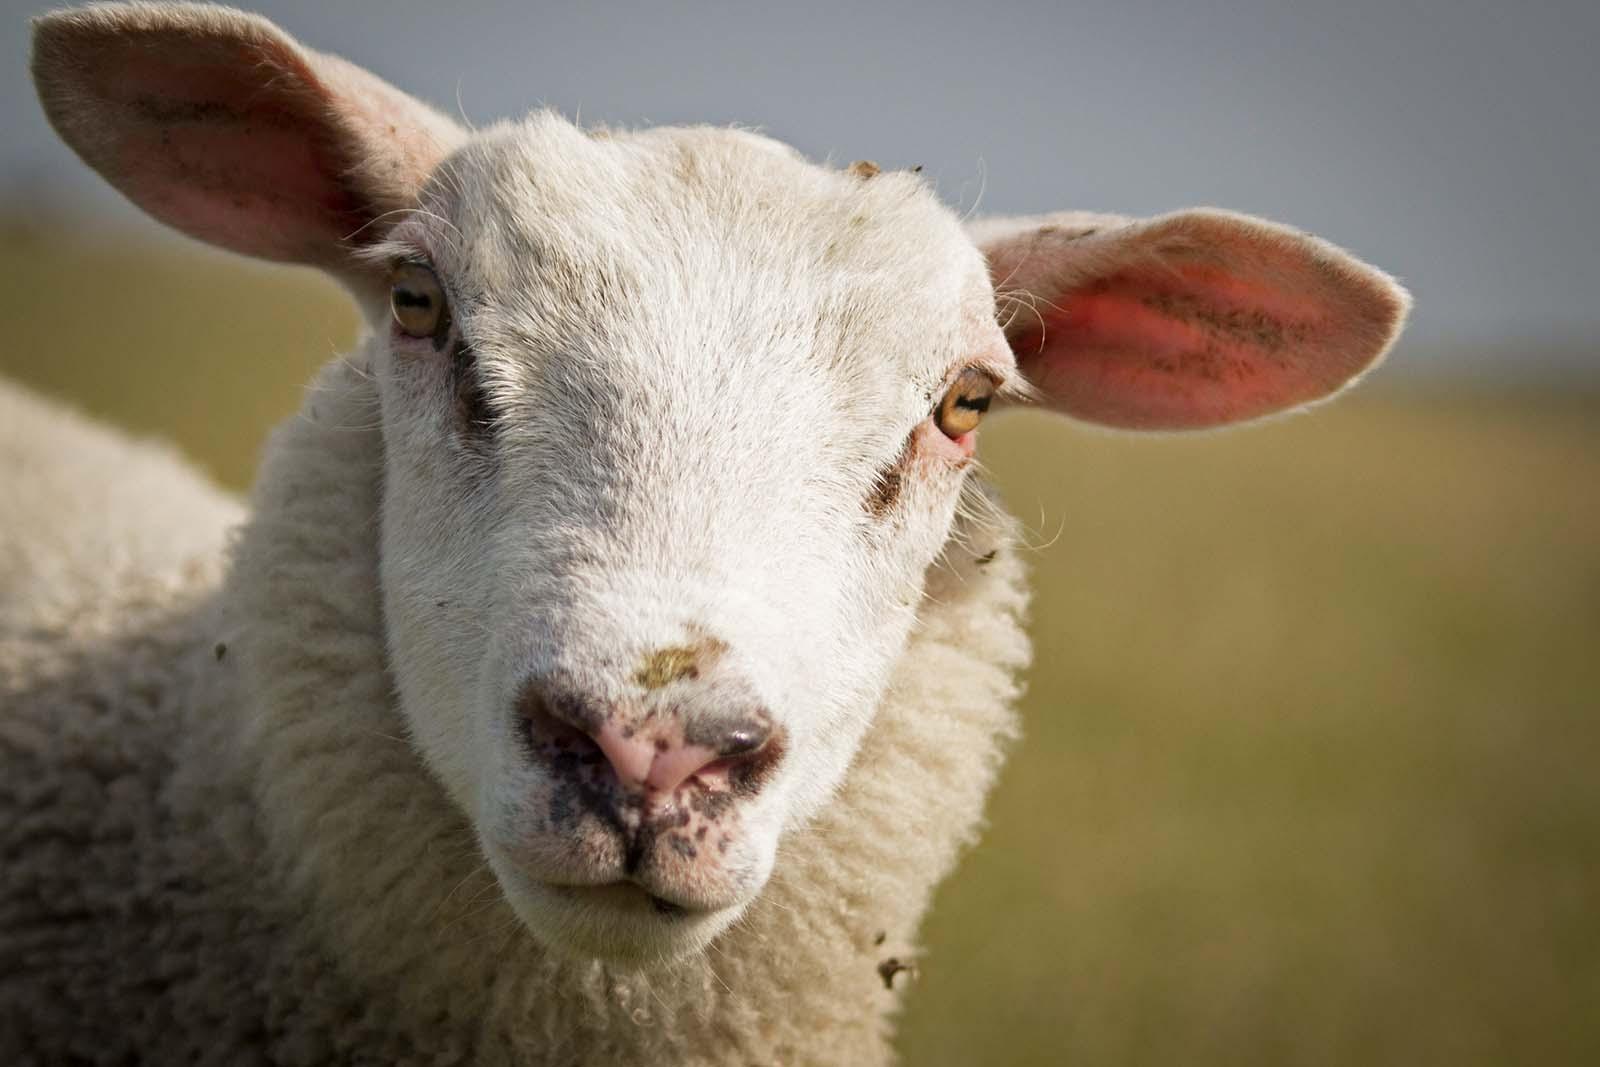 Das unbekannte Leben von Schafen: Süße, clevere und faszinierende Tiere